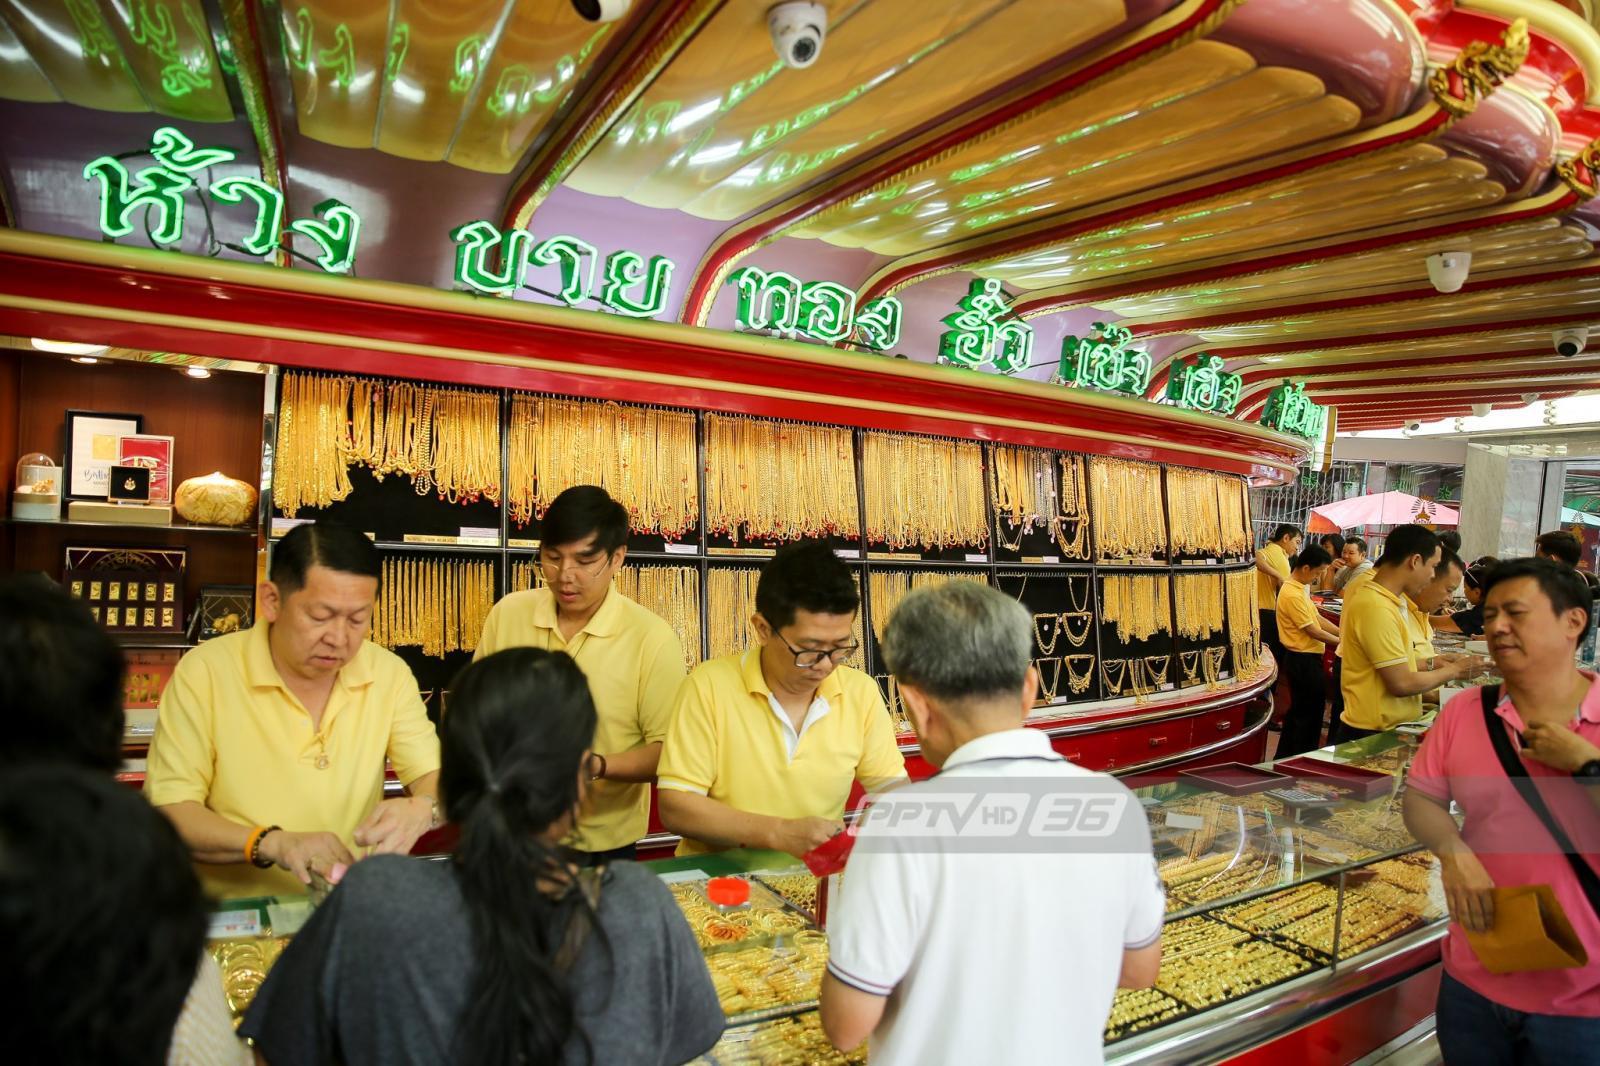 ทองเปิดตลาดพุ่งแรง 200 บาท ทองแท่งขายออกบาทละ 20,750 บาท